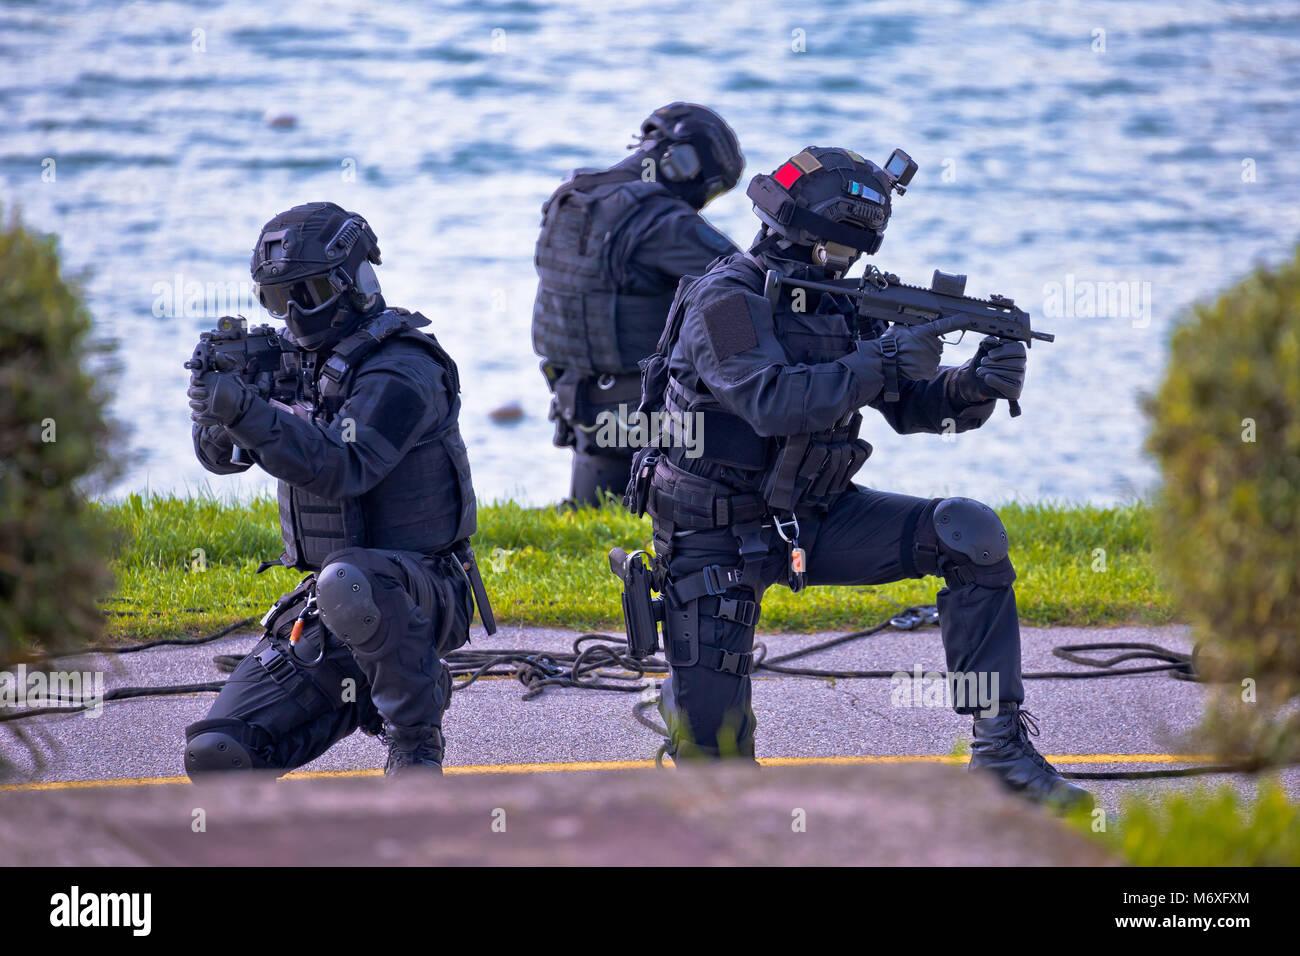 Las fuerzas especiales de equipo táctico de tres en acción, marcado y SWAT TEAM irreconocible Imagen De Stock